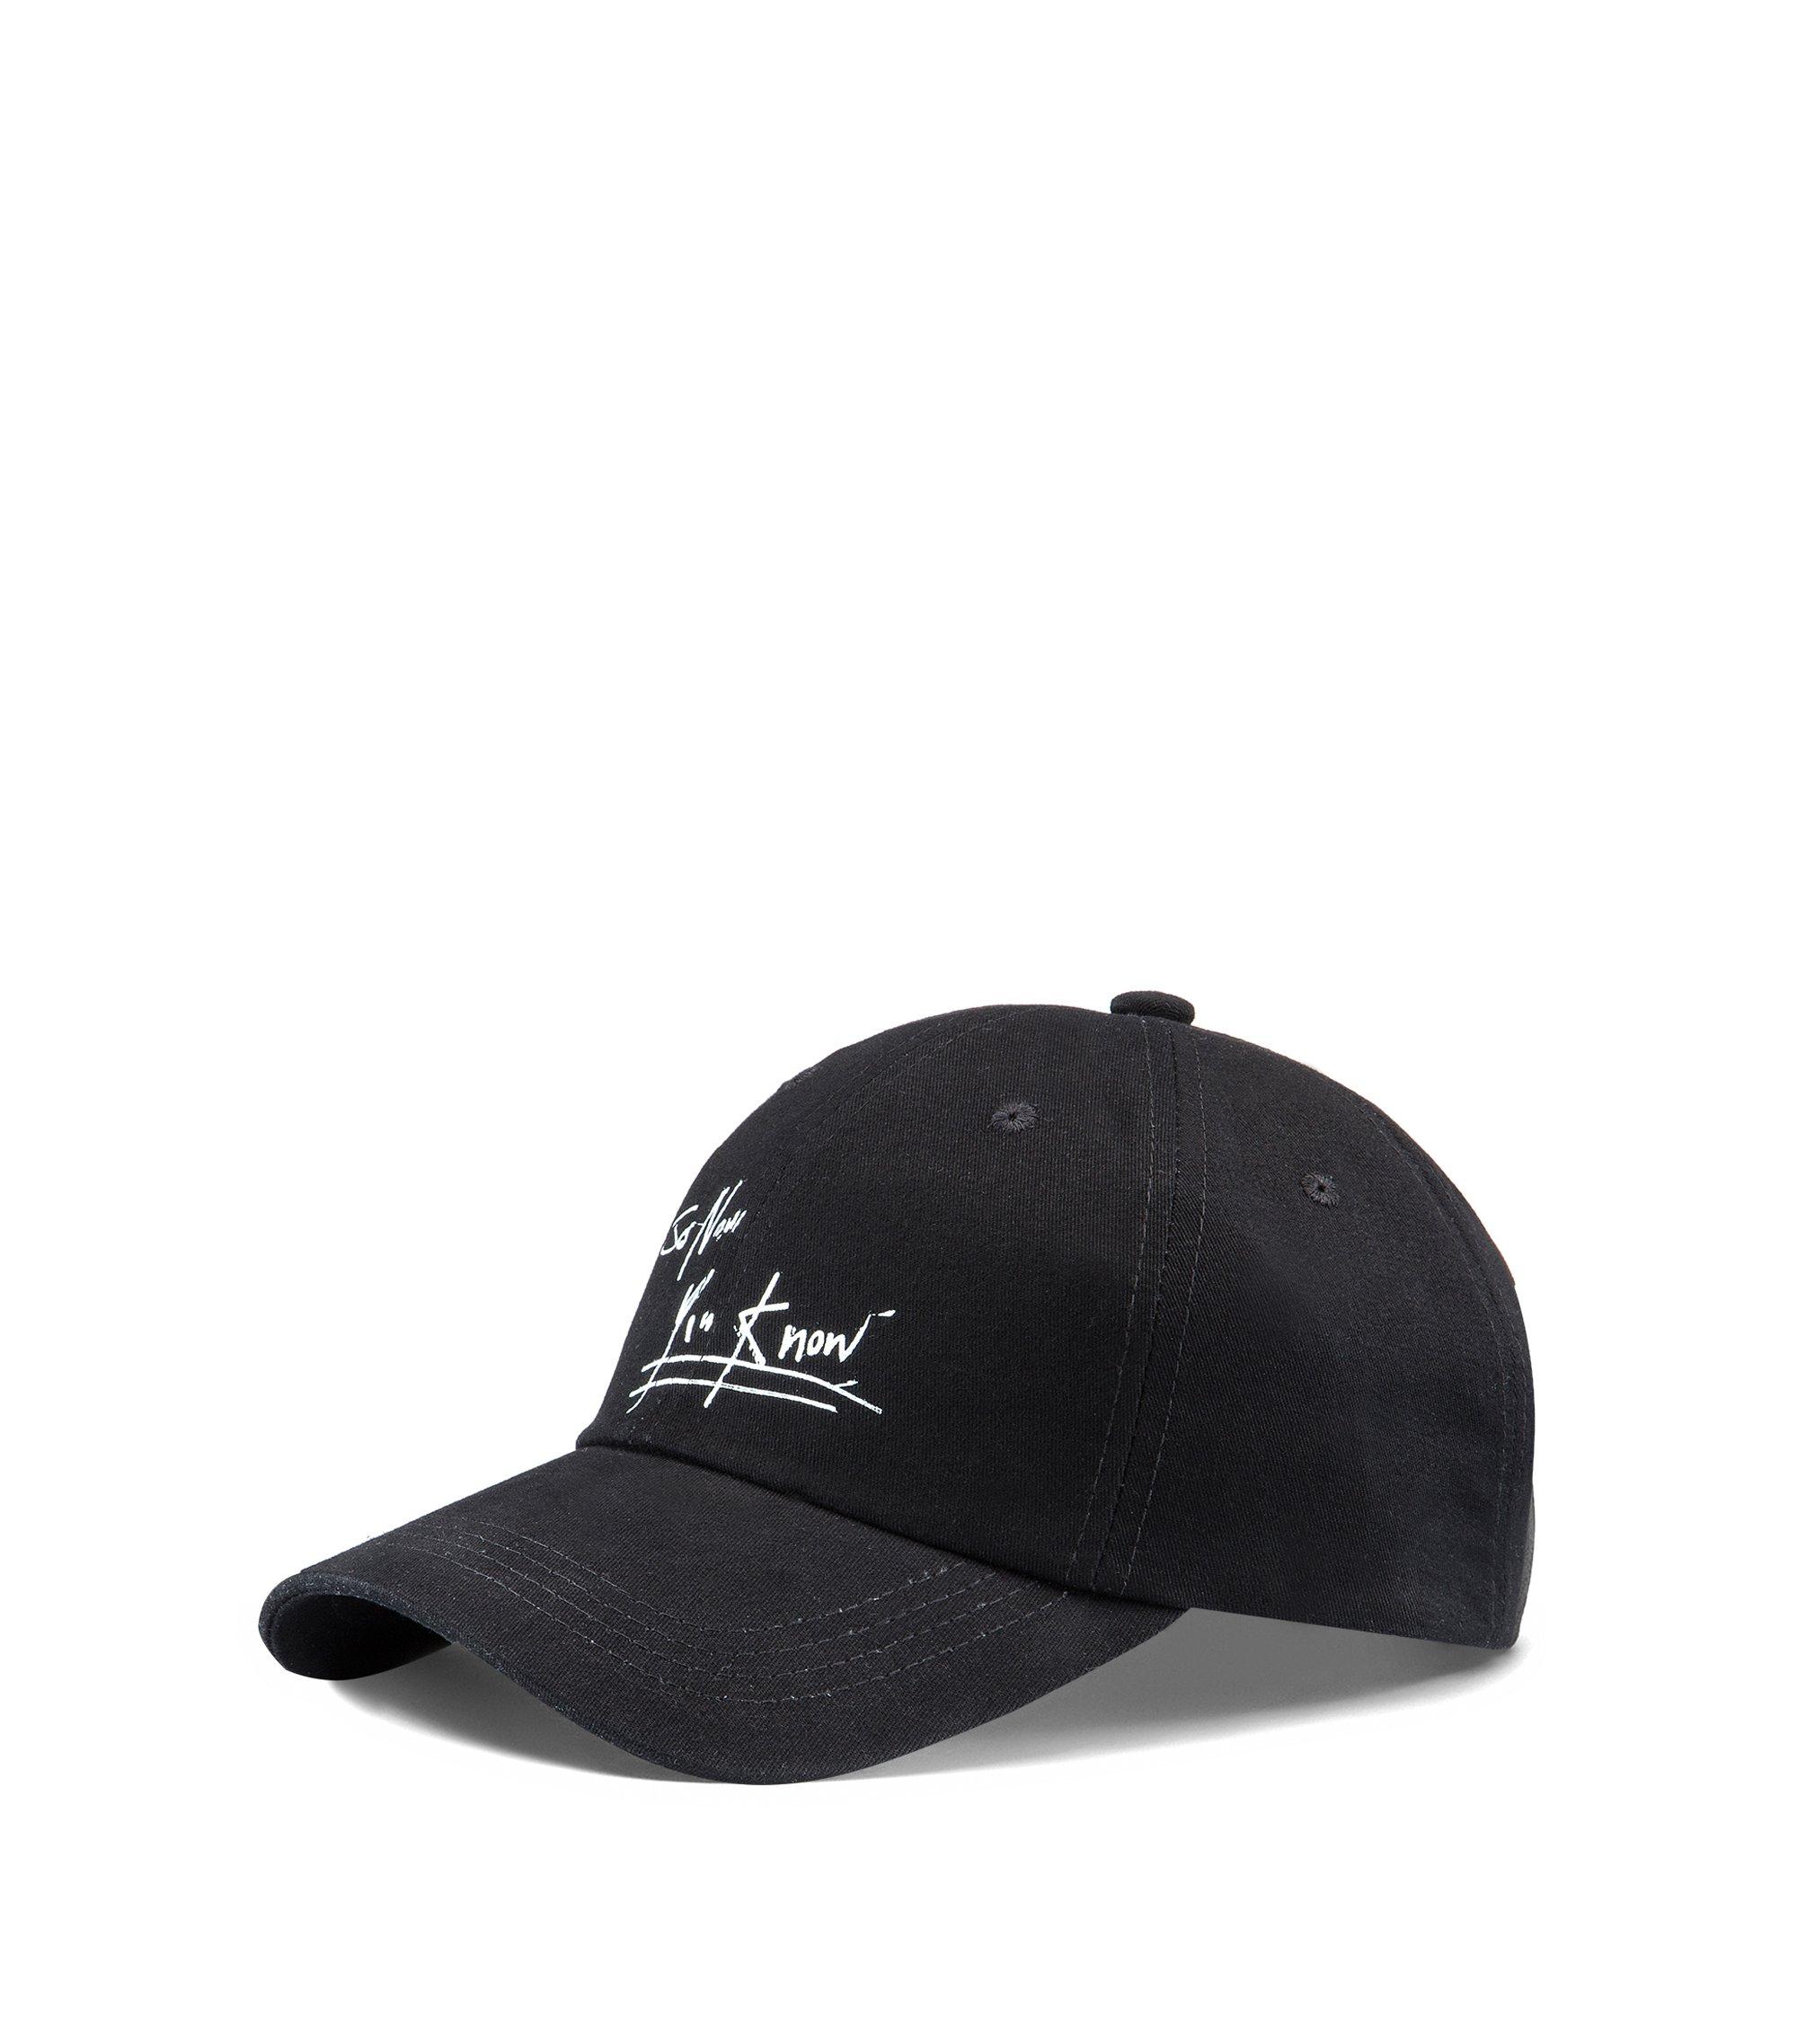 Gorra de béisbol en sarga de algodón con eslogan de arte callejero, Negro